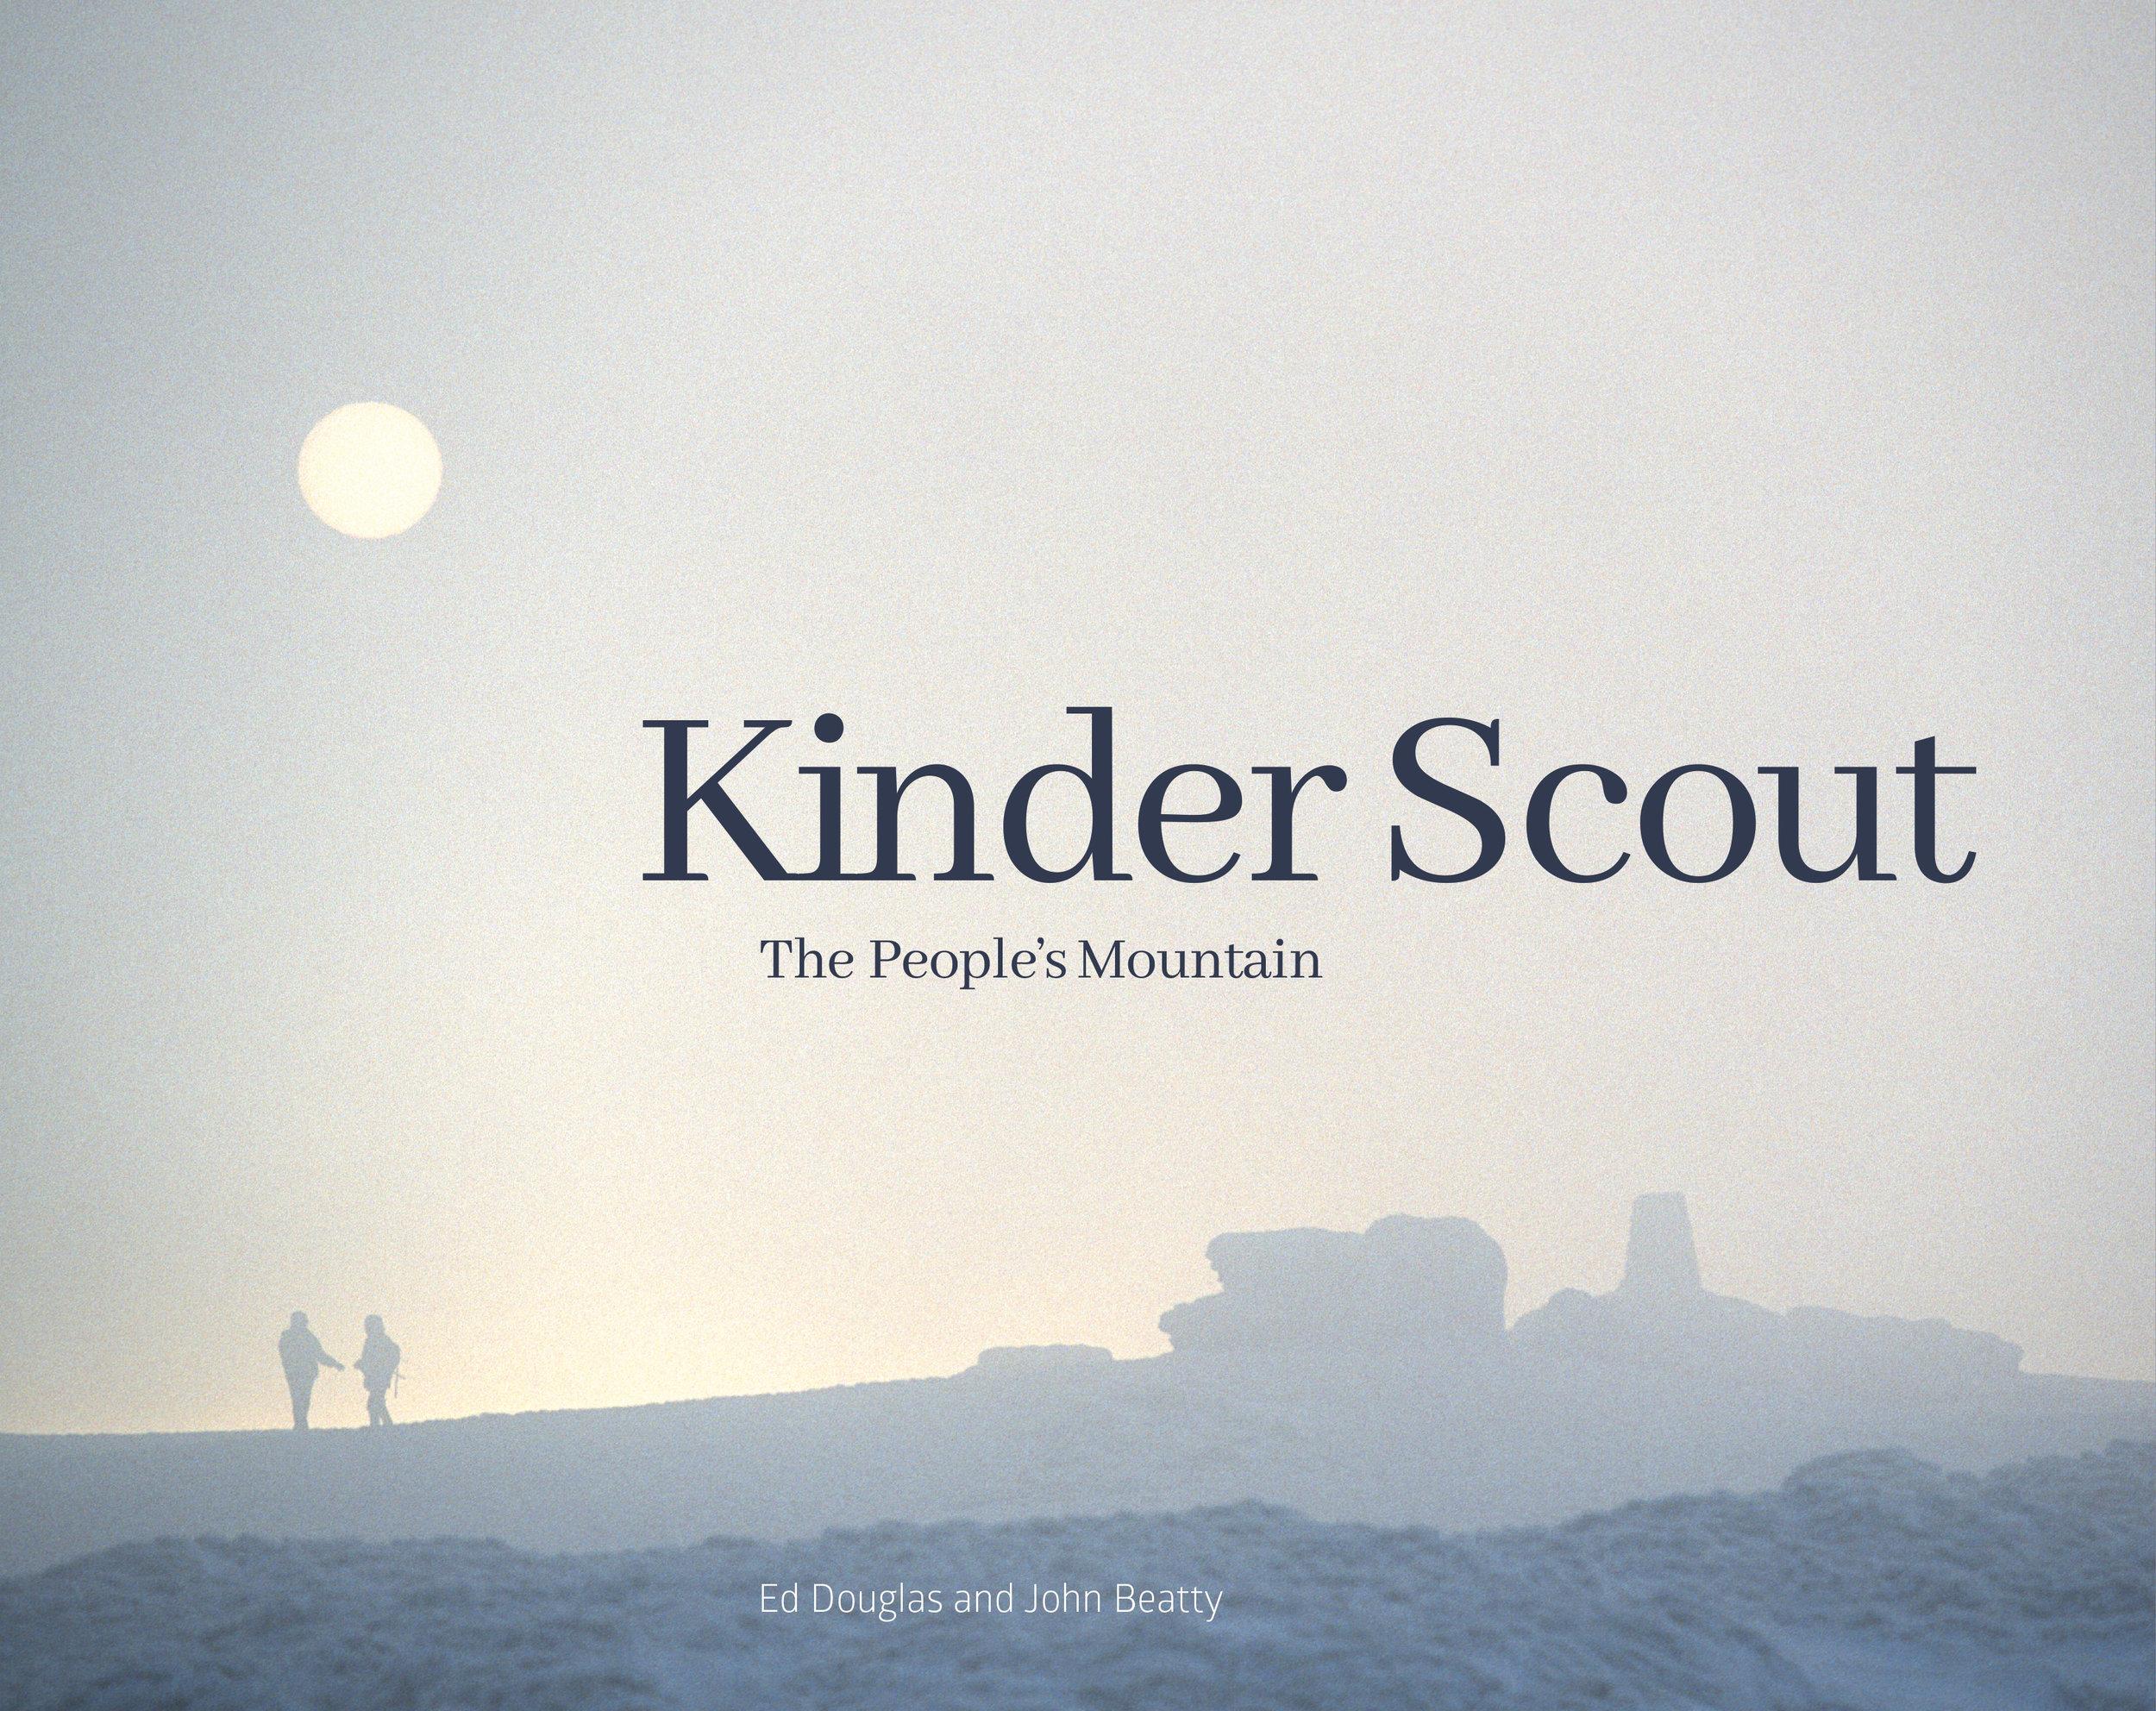 Kinder Scout.jpg